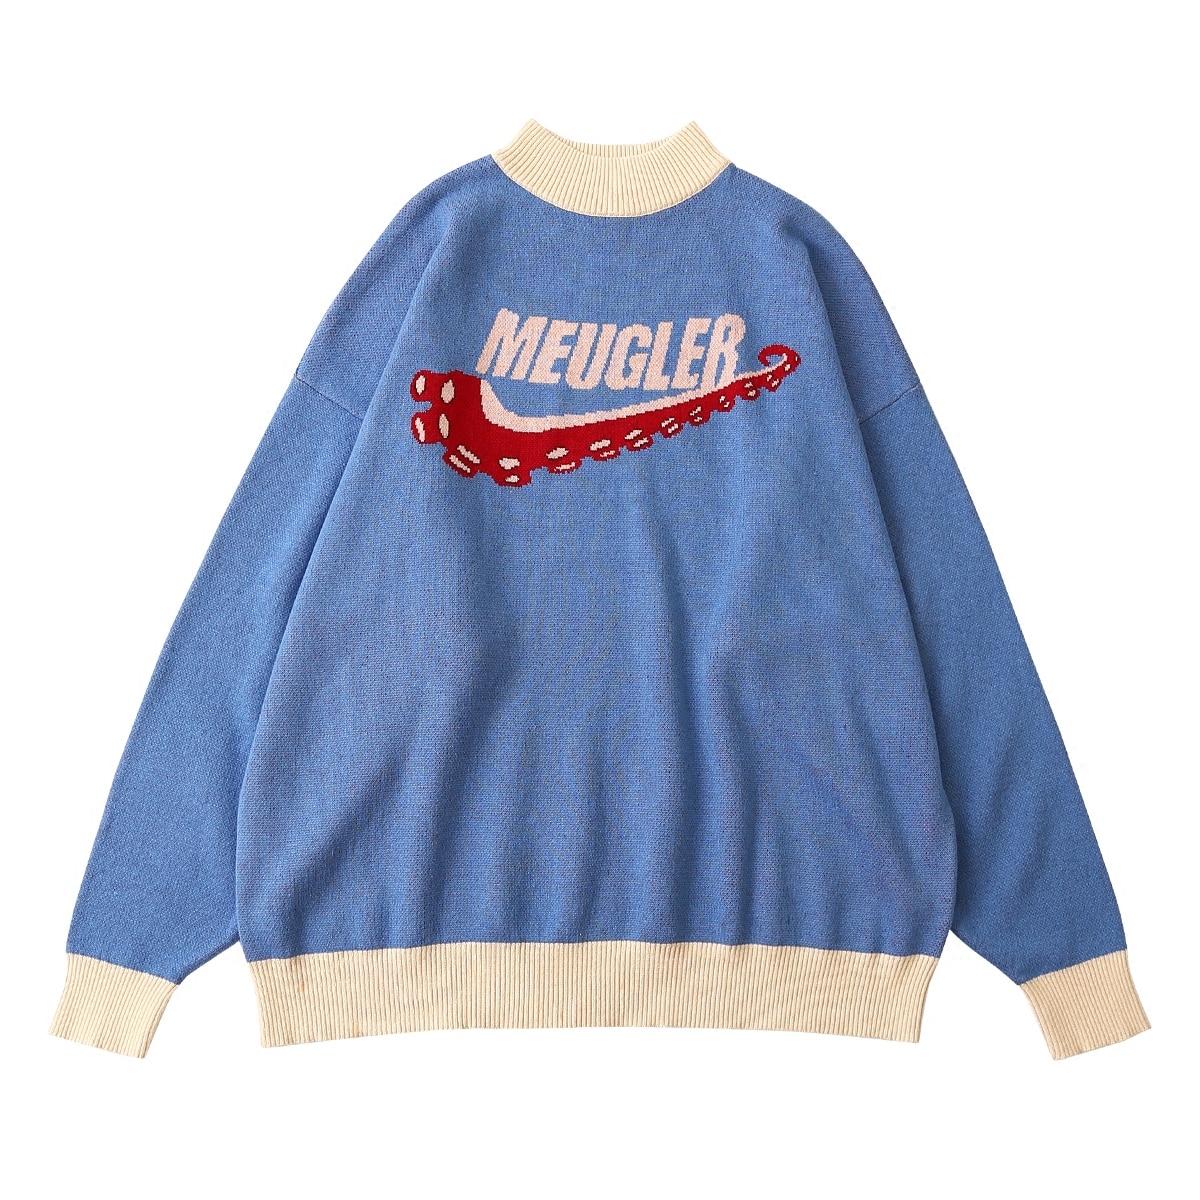 2018 Frühling Vintage Frauen Baumwolle Pullover Buchstaben Octopus Jacquard Oversize Unisex Gestrickte Pullover Top Lässige Strickwaren